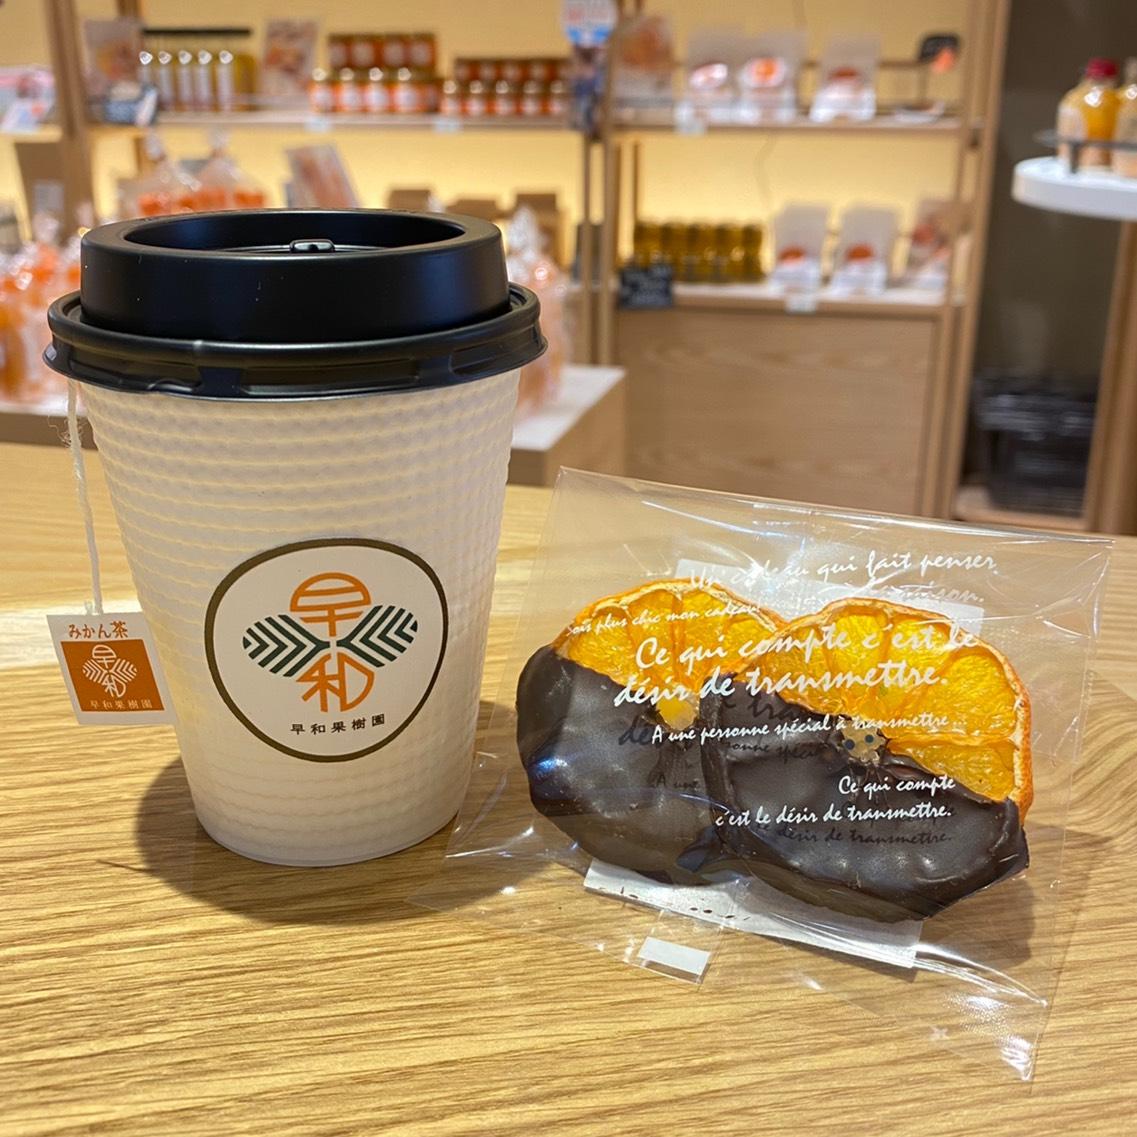 テイクアウトのカフェメニュー みかん茶(ホット)とドライフルーツ有田みかんのチョコレートがけのセット 550円